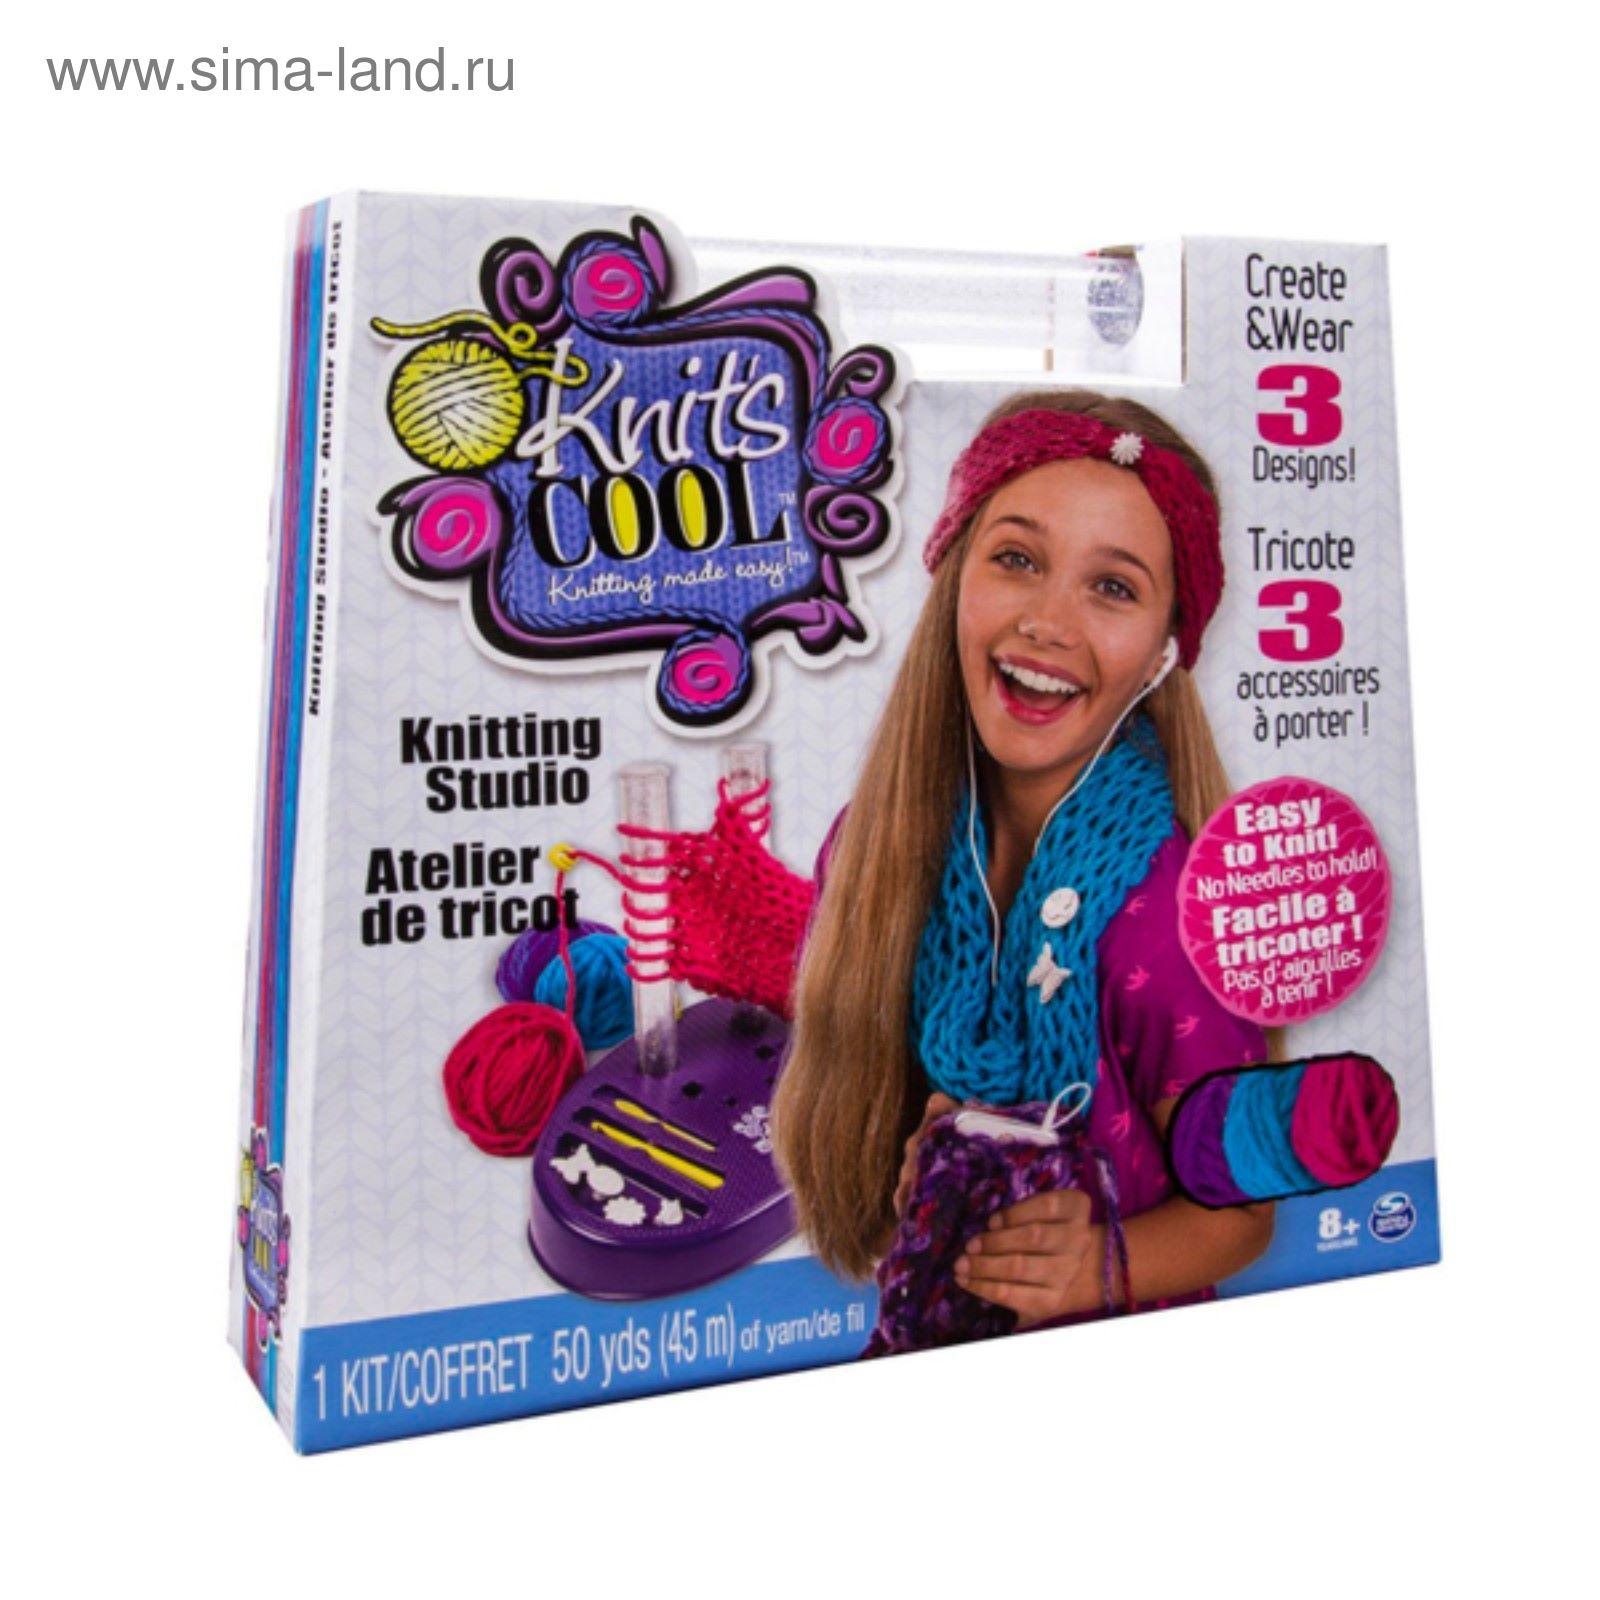 игрушка Knits Cool студия вязания 2070123 купить по цене от